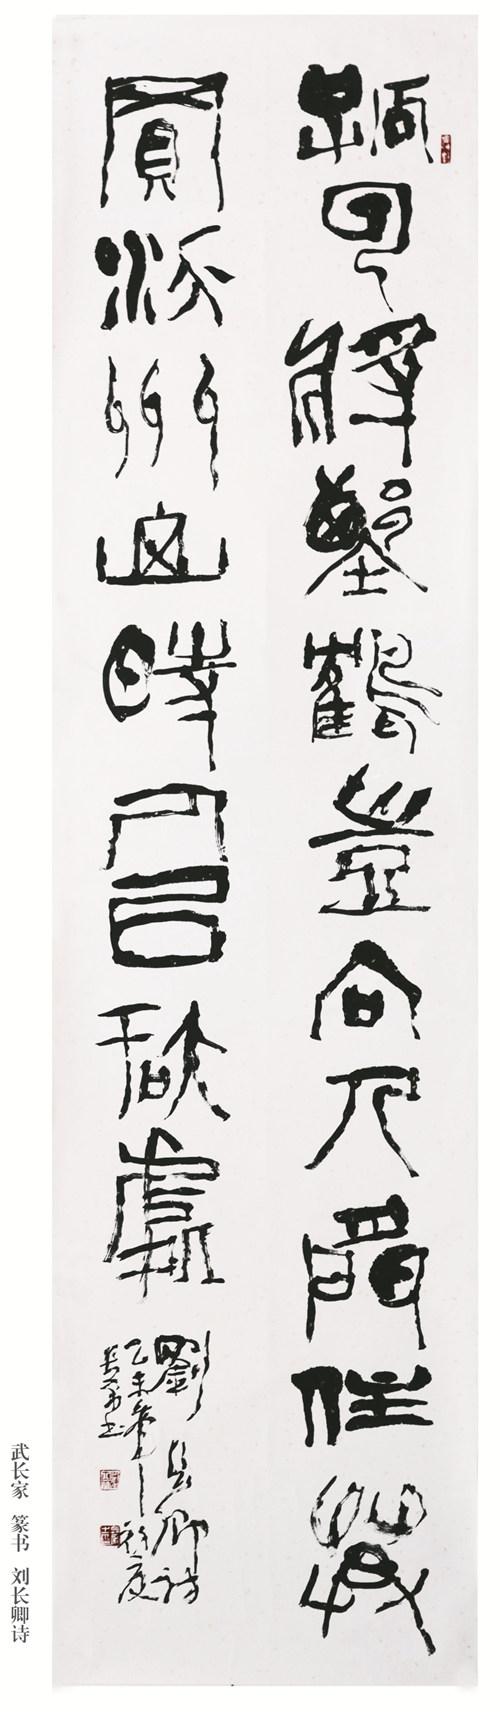 武长家书法作品(三)